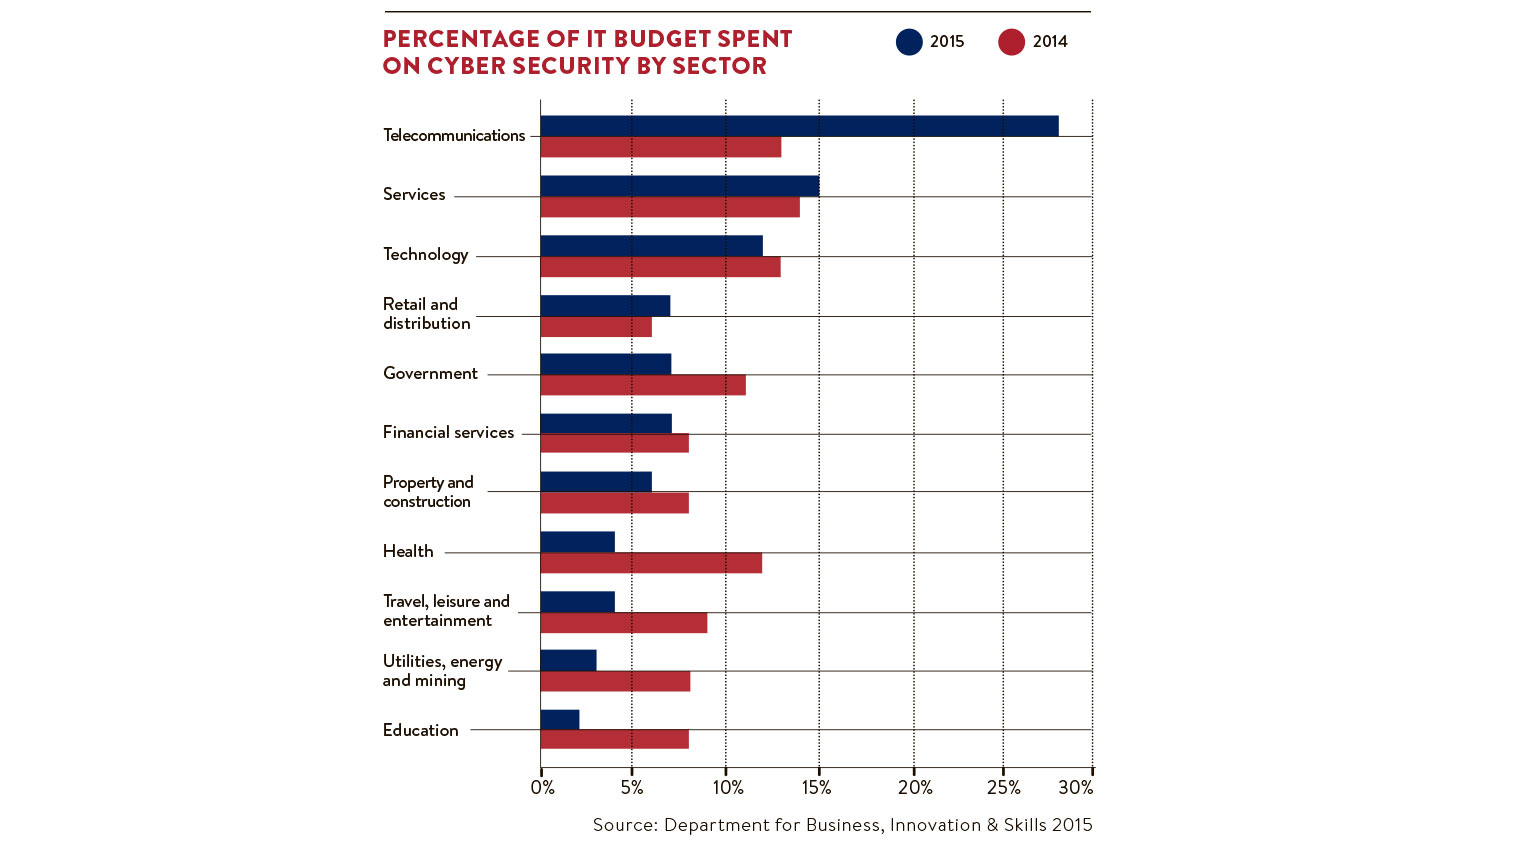 Budget spent